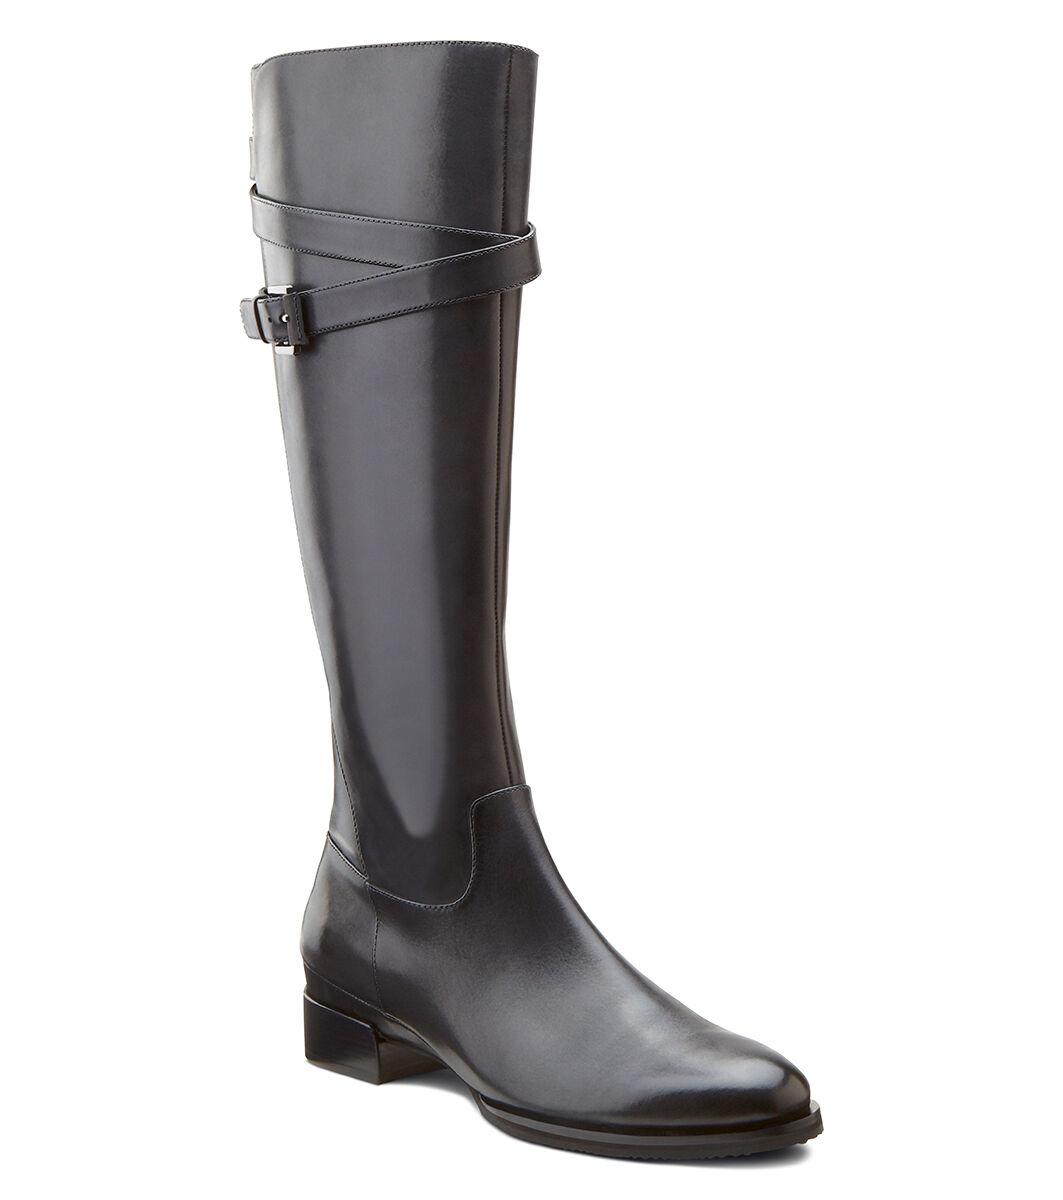 Womens Boots ECCO Sullivan Tall Strap Boot Black